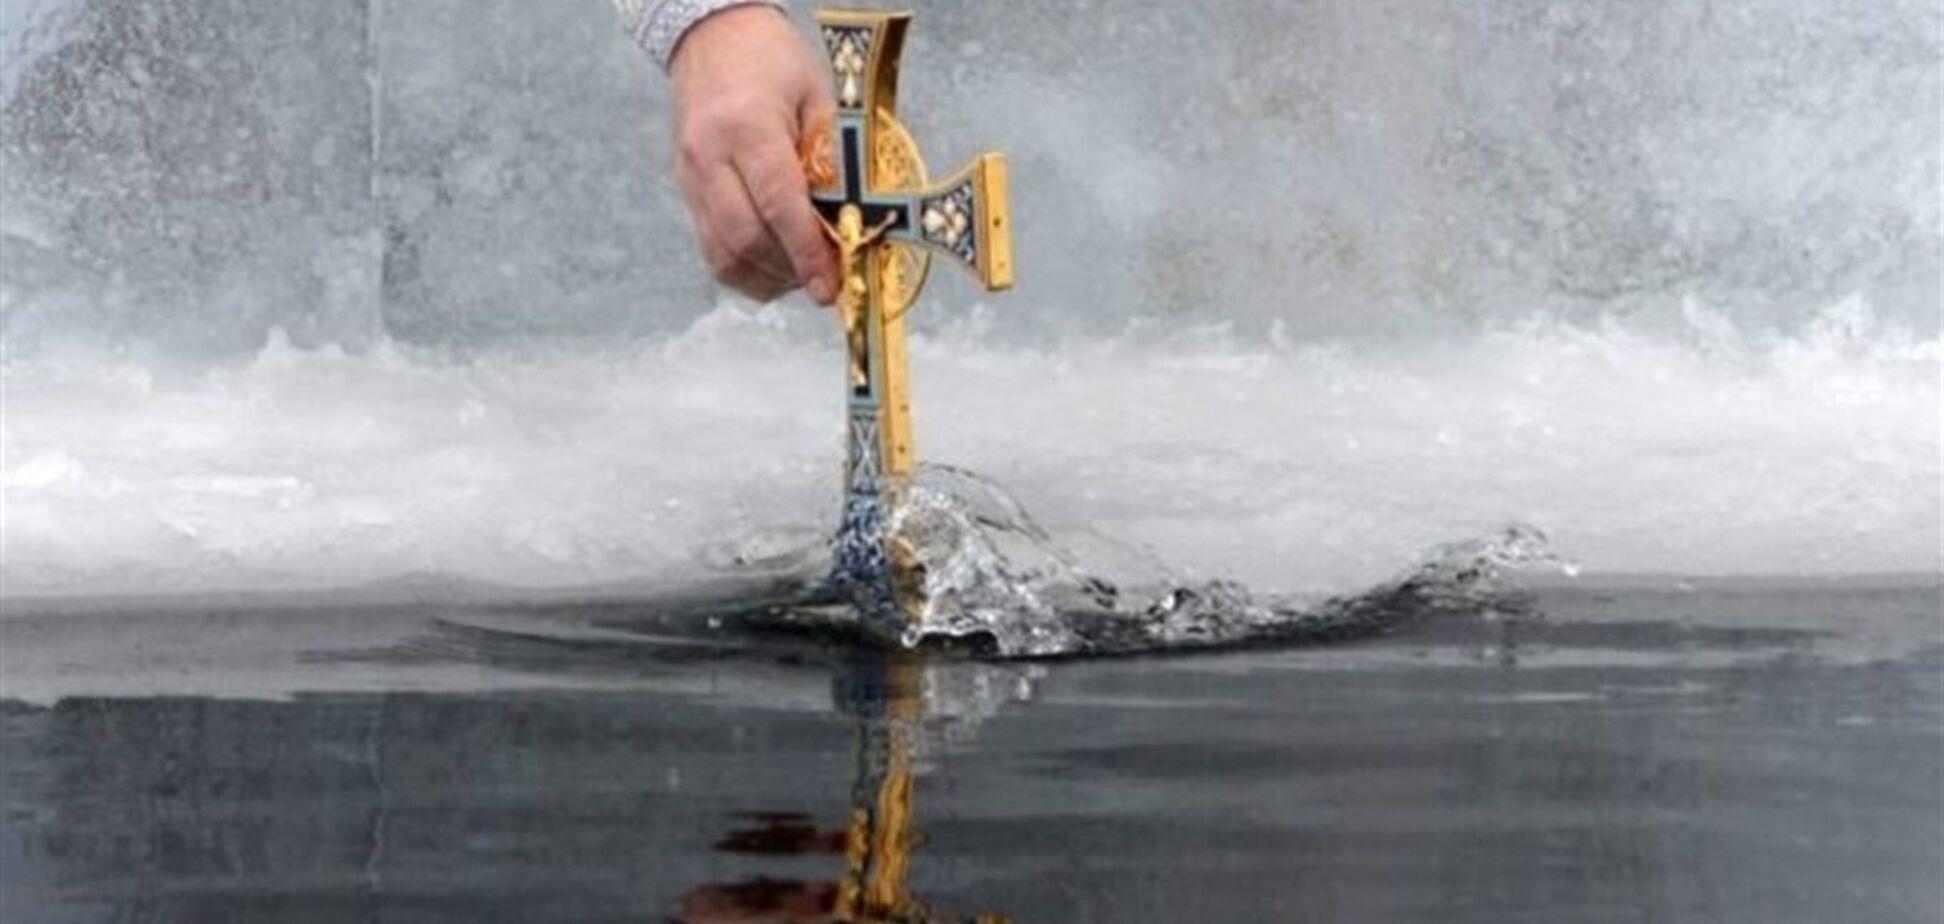 Во время купания на Крещение необходимо следовать рекомендациям